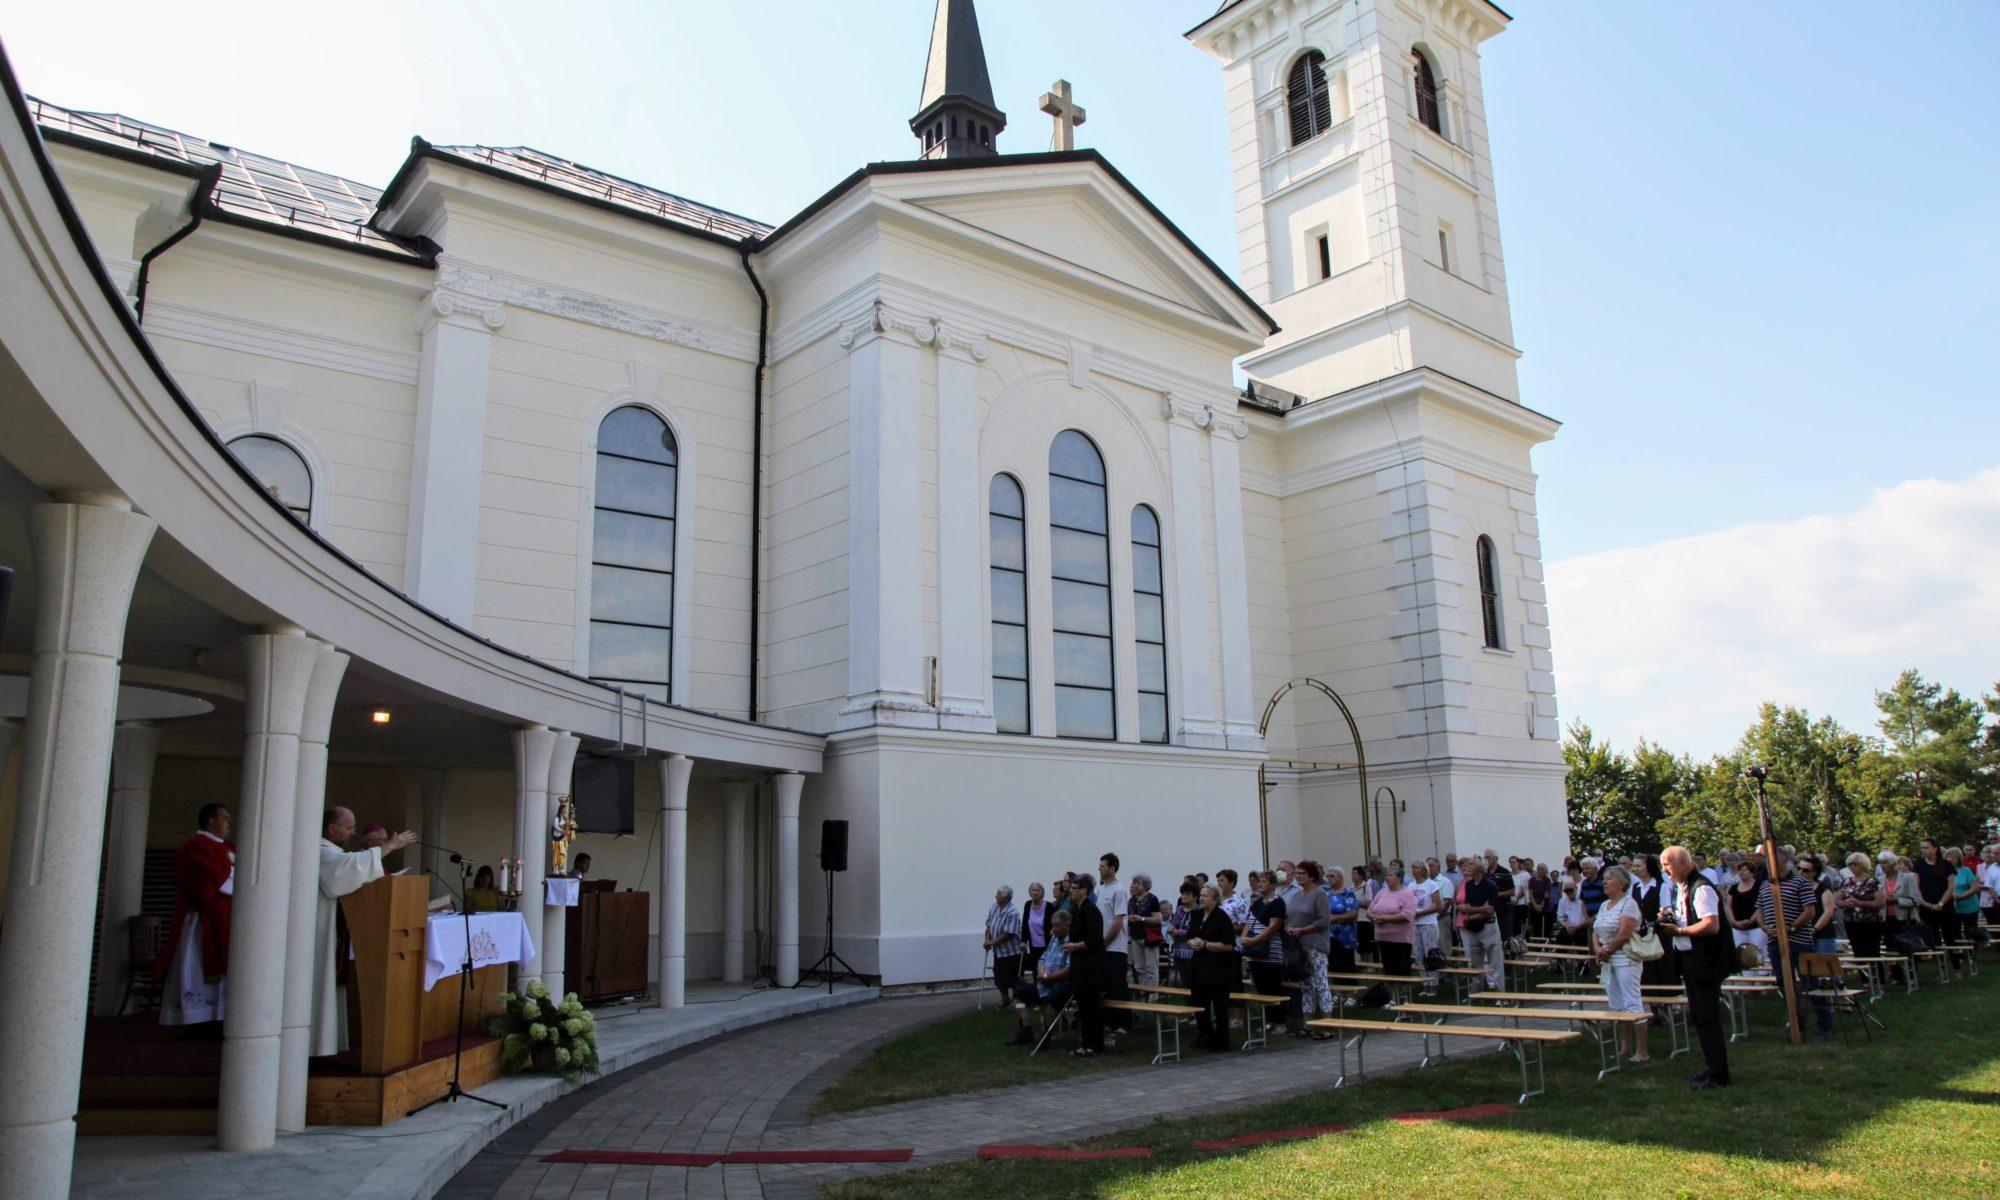 božjepotna cerkev Marije Pomočnice na Zaplazu